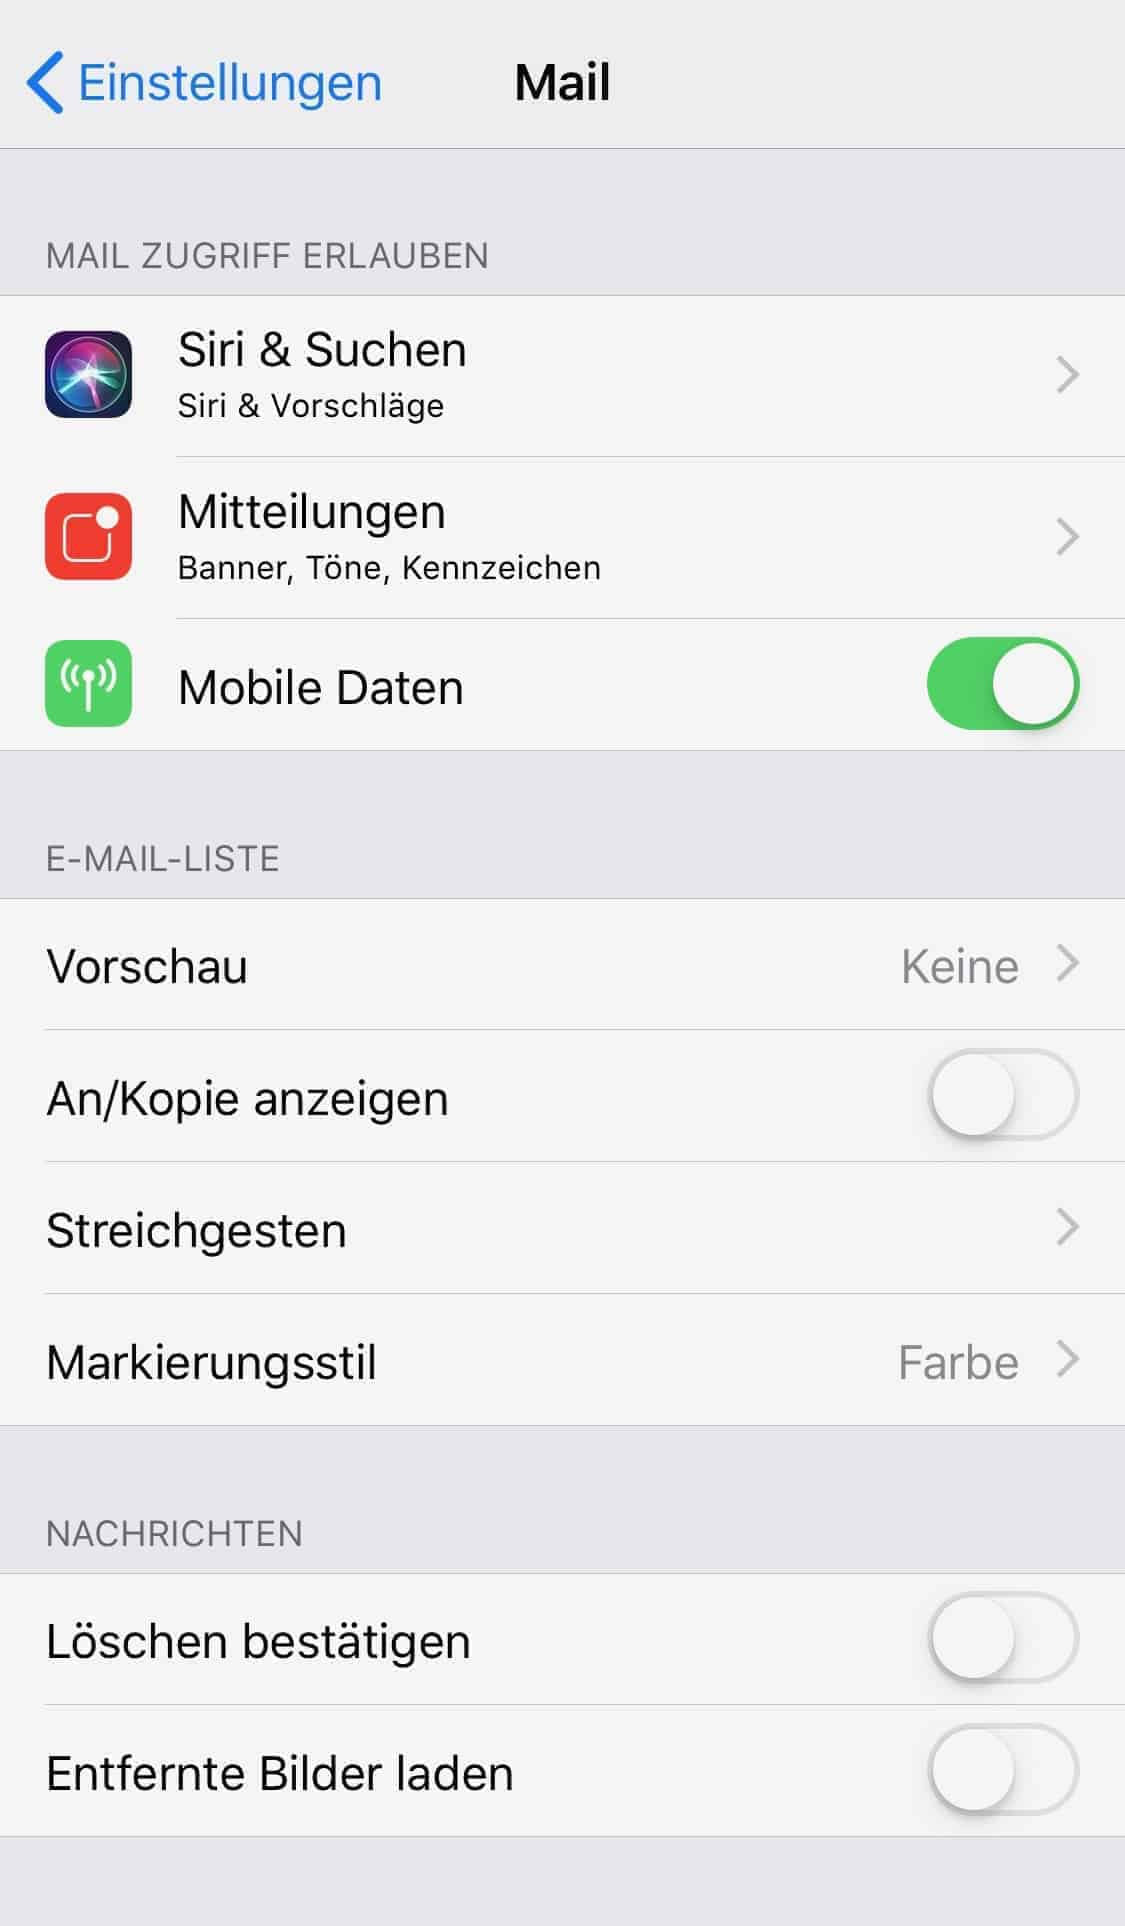 Roaming_iOS_Mail_Mobile_Daten_und_Entfernte_Bilder_laden